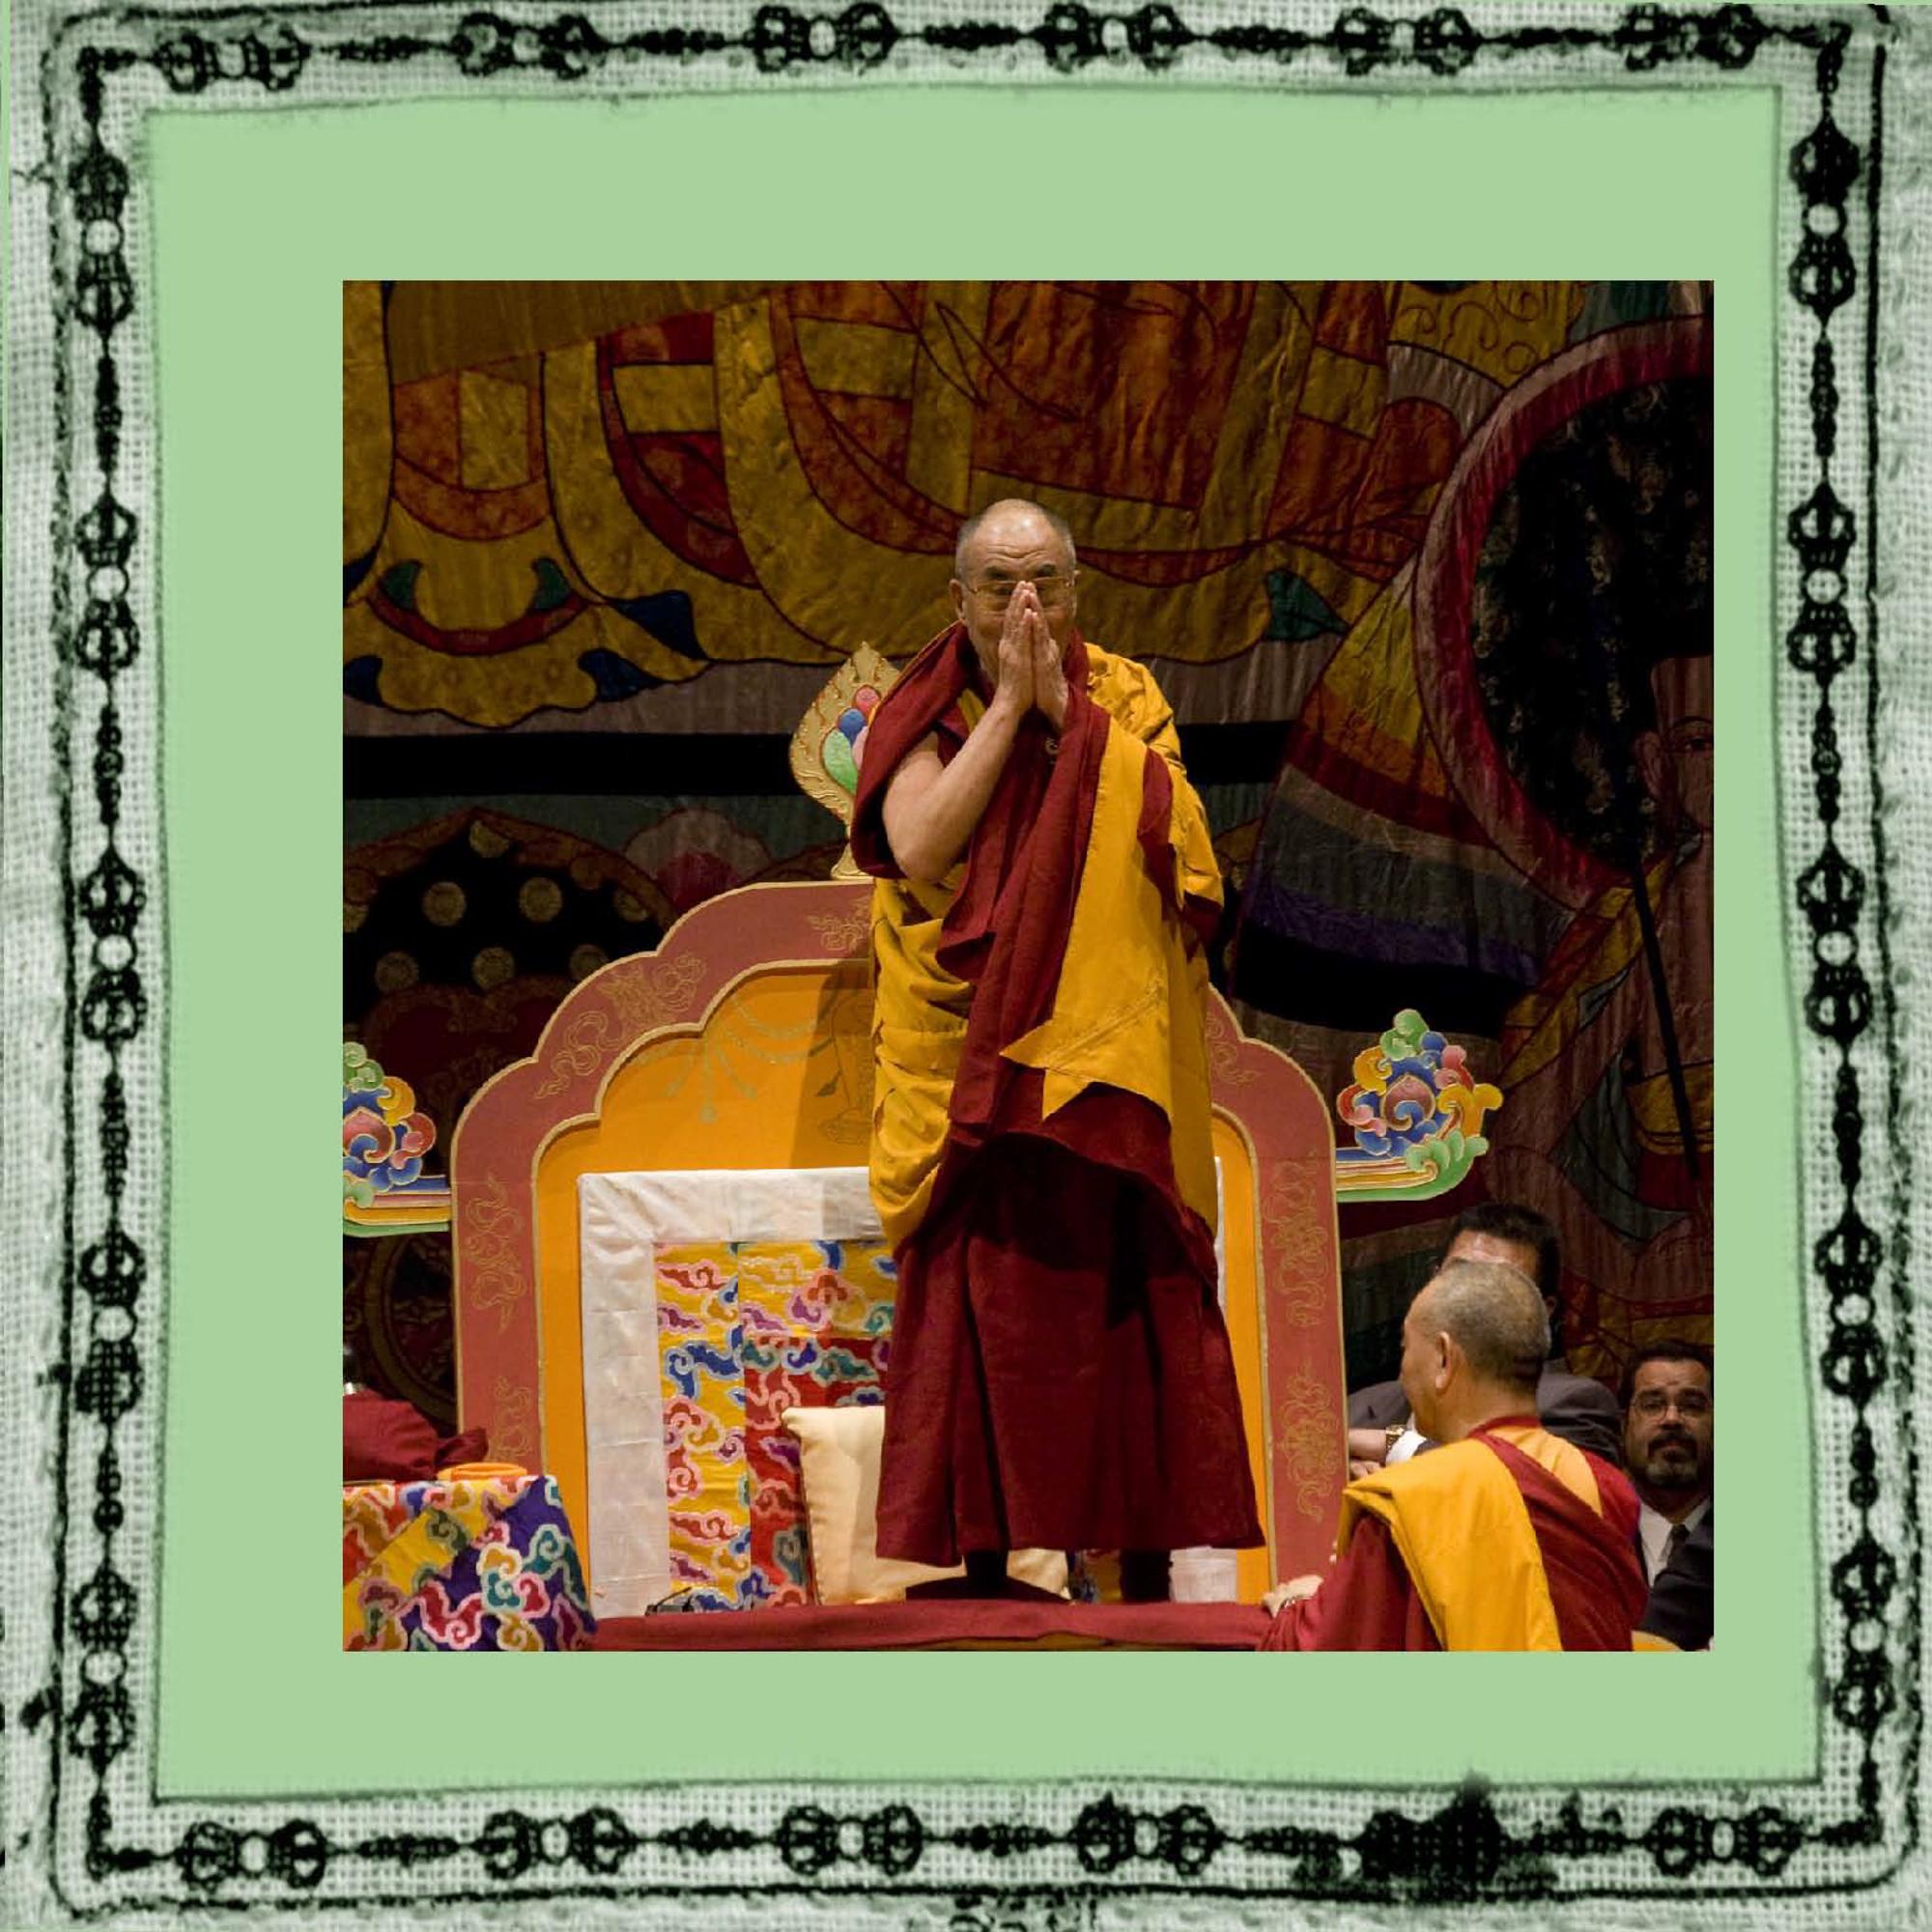 elizabeth-fenwick-photography-dalai-lama-peace-12.jpg